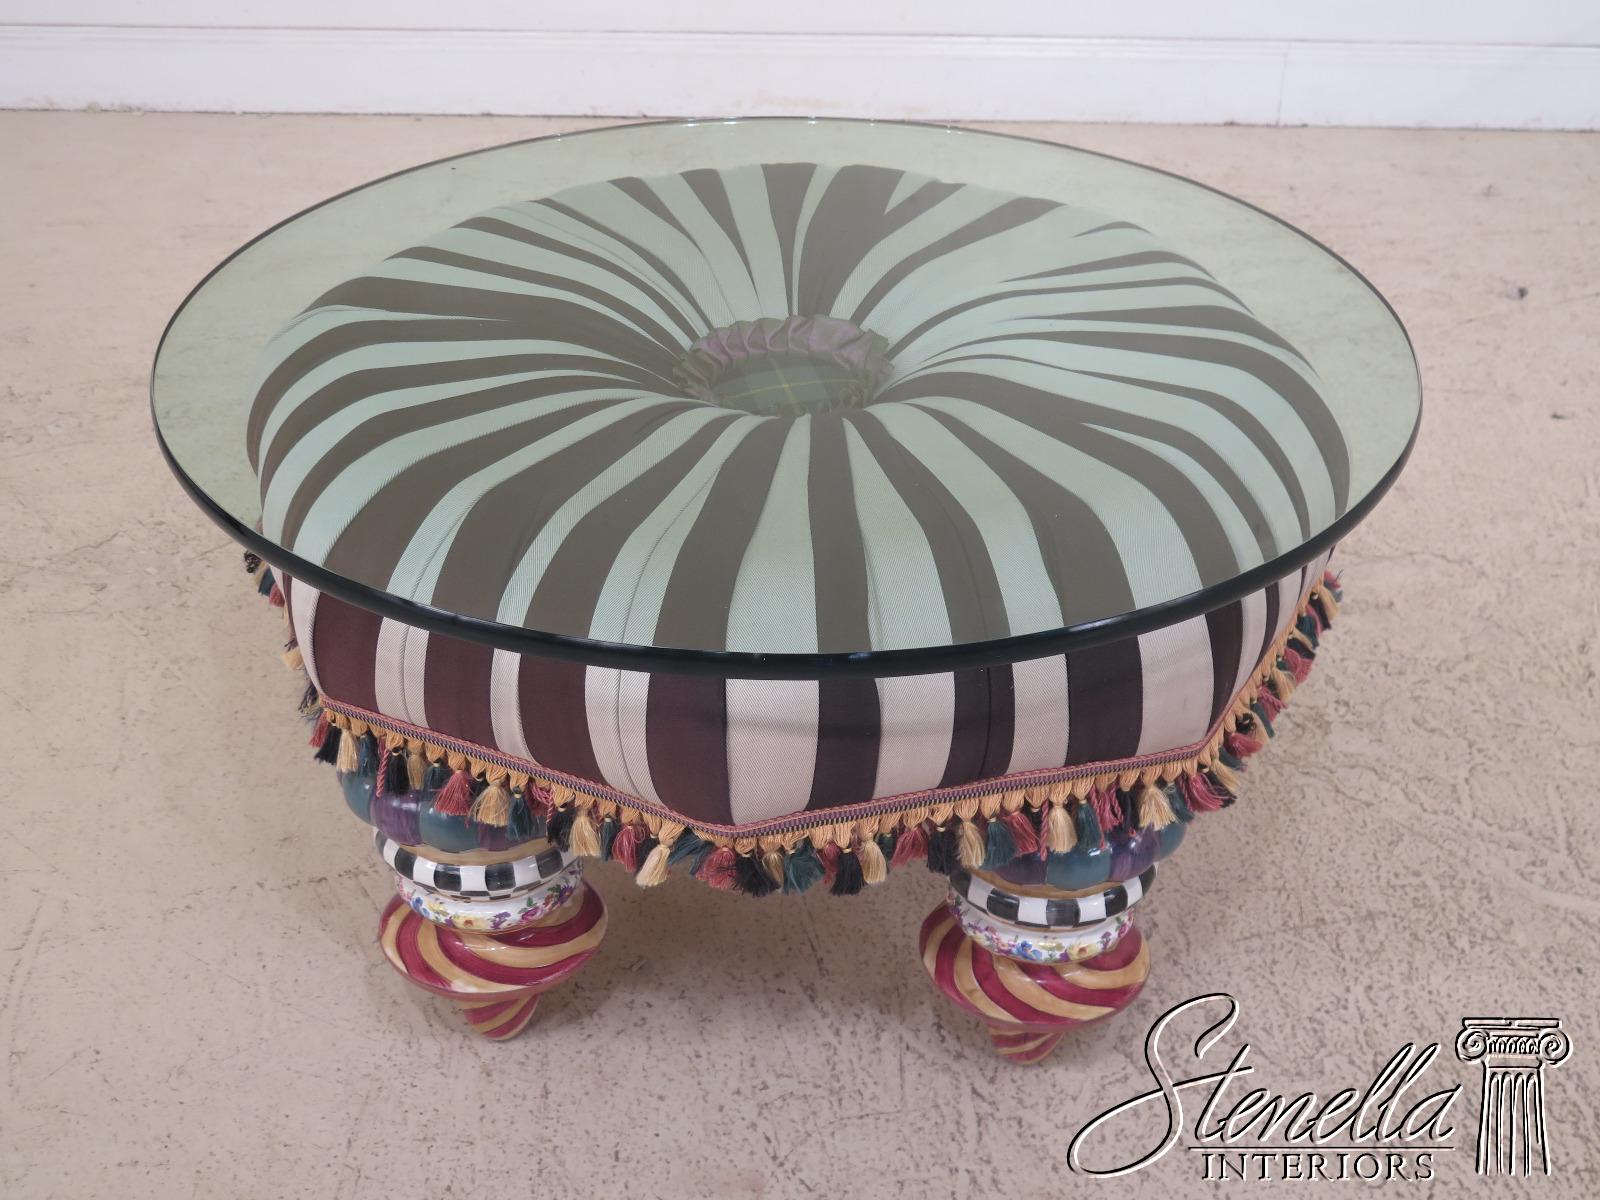 30895ec Mackenzie Childs Glass Top Round Coffee Table Ebay